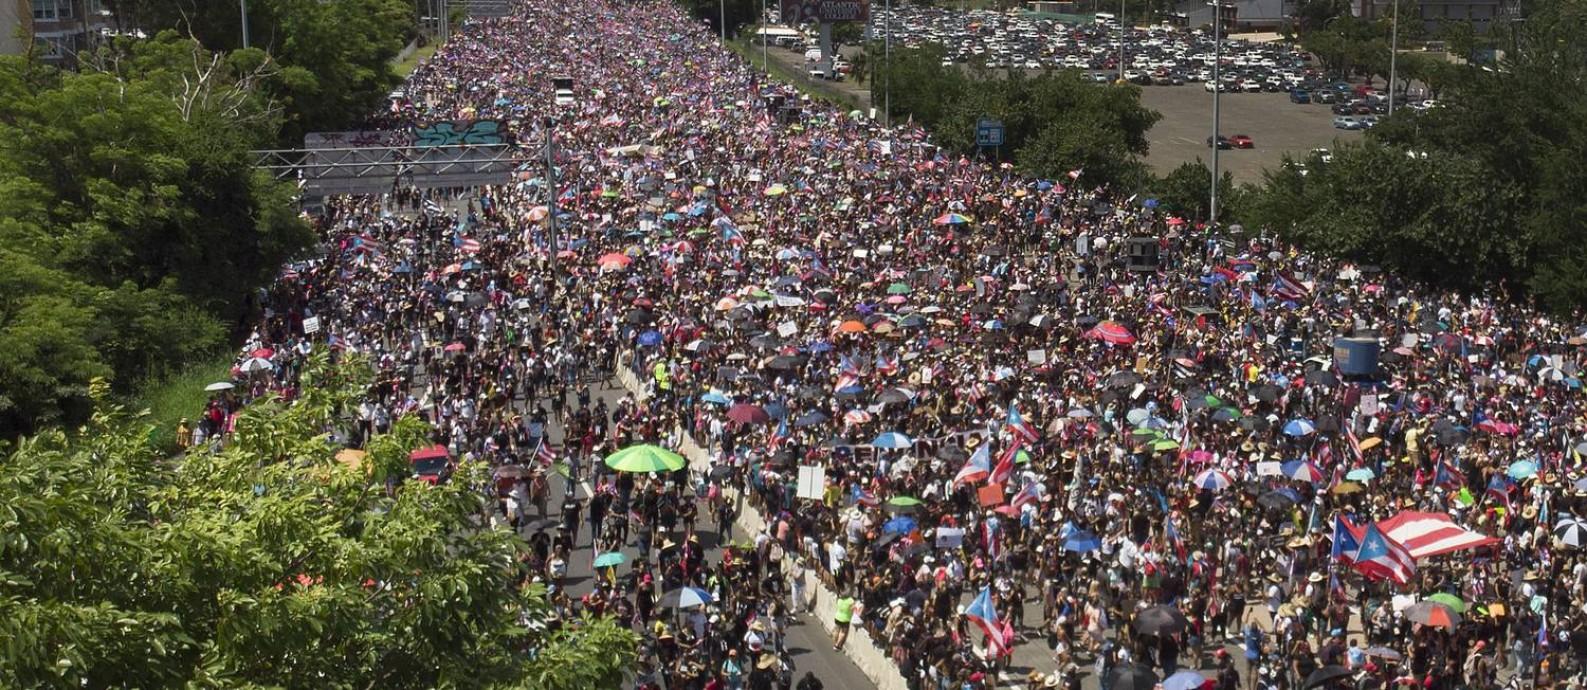 Milhares de pessoas lotam a Estrada de Expreso Las Américas, em San Juan, pedindo a renúncia do governador Ricardo Rosselló Foto: JOE RAEDLE / AFP